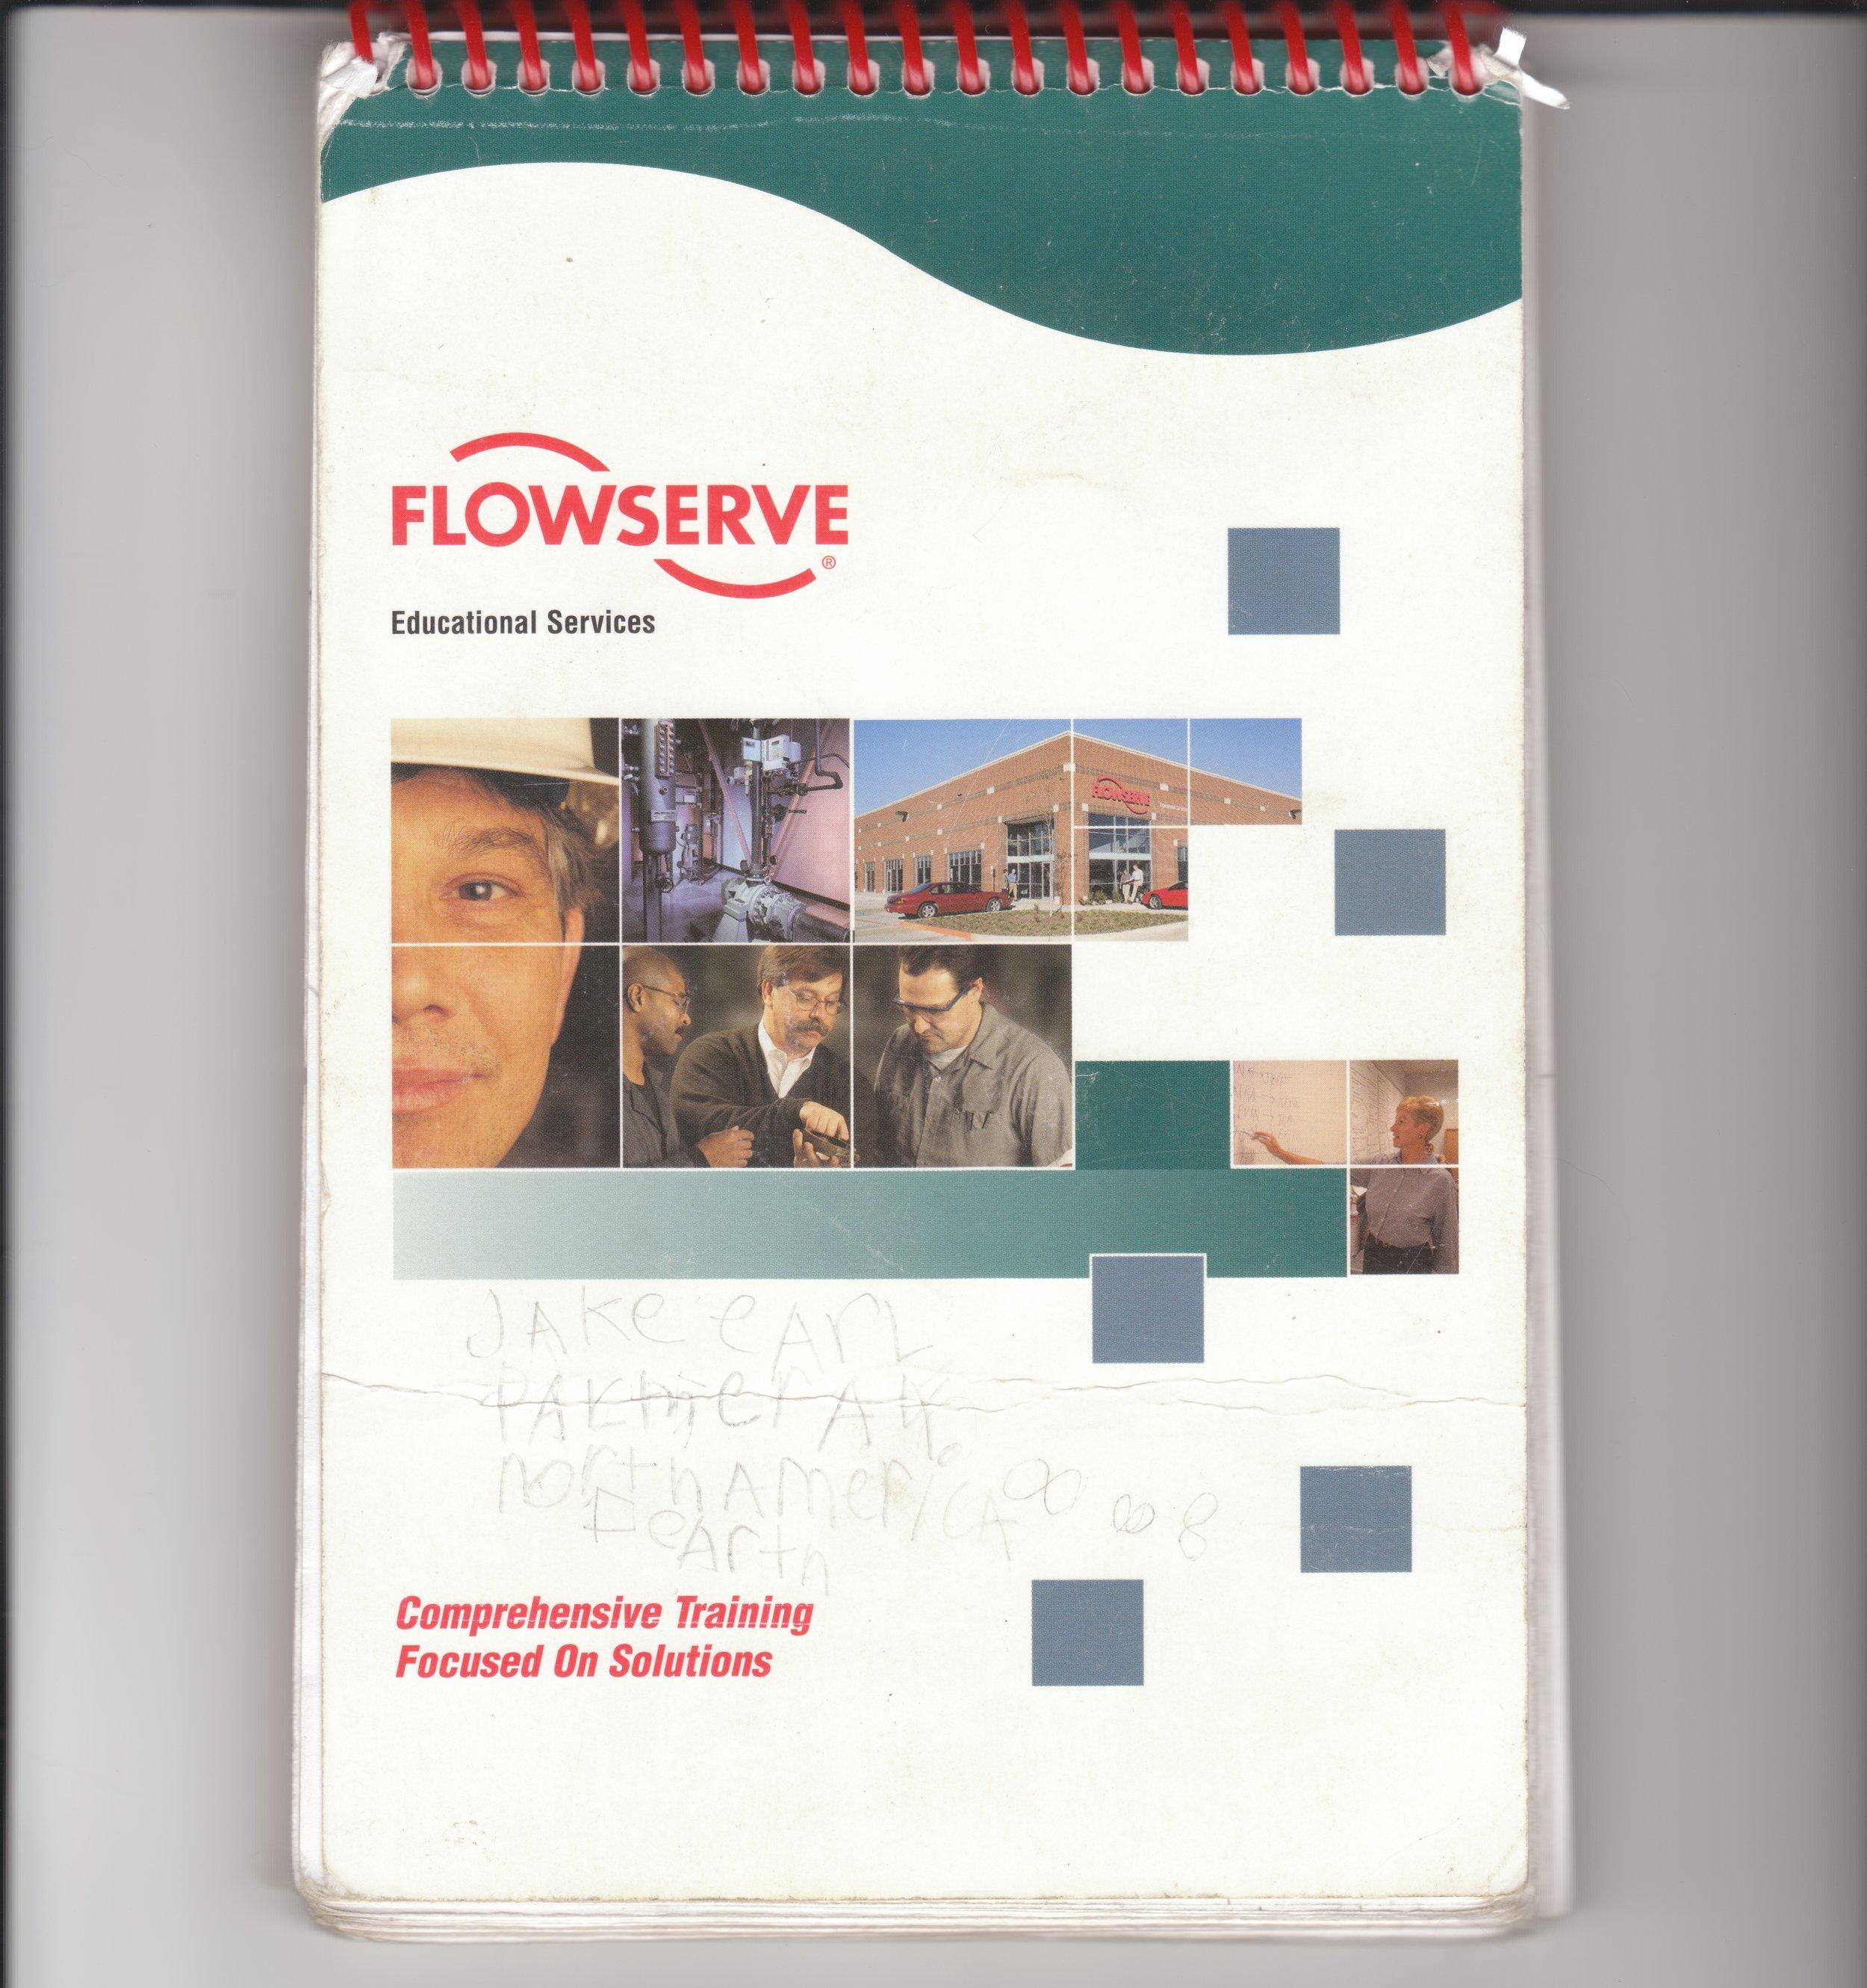 flowserve 1.jpeg